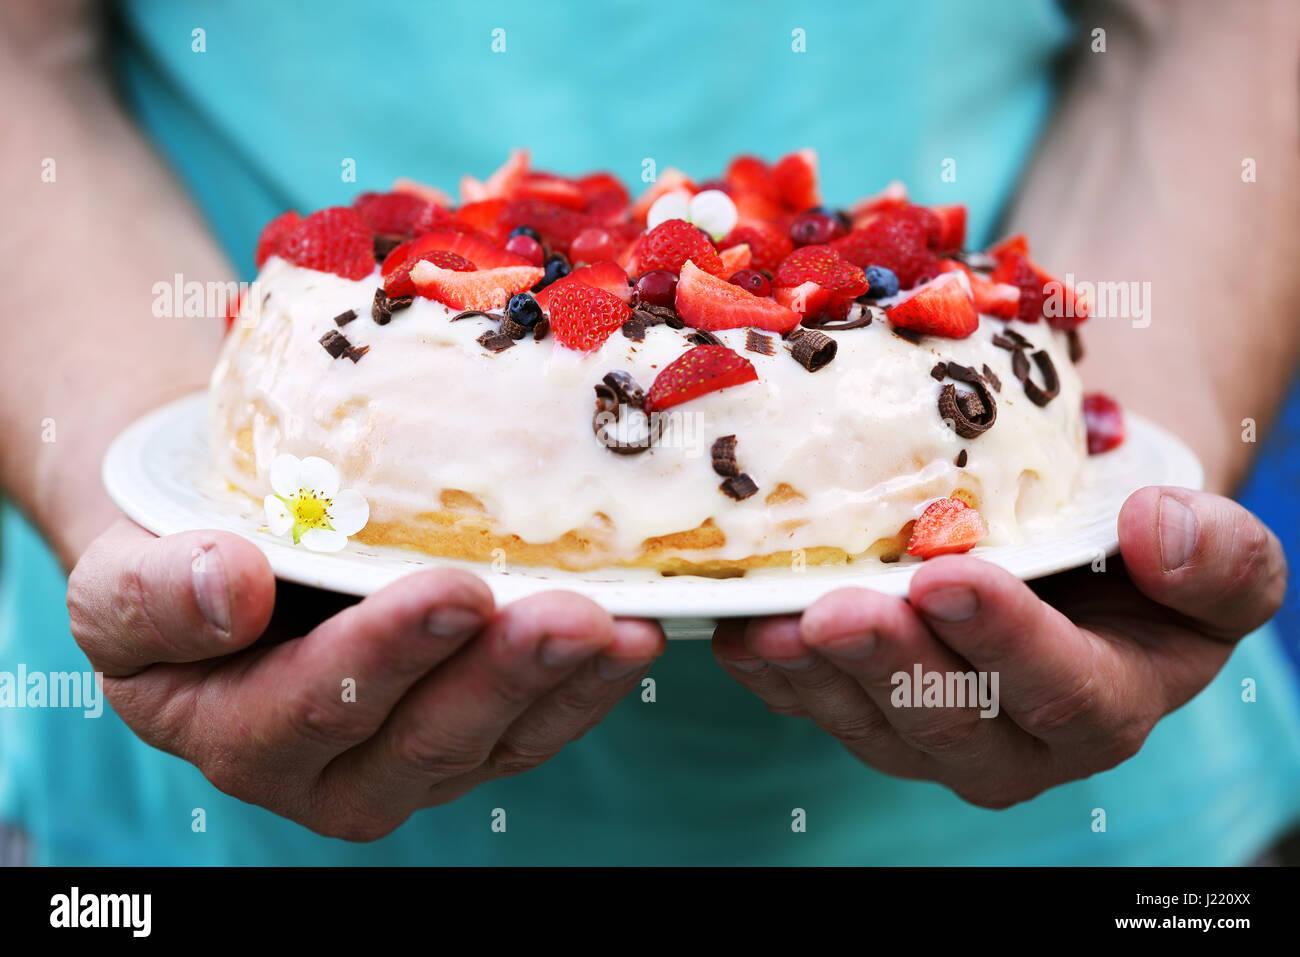 Cake in men's hands - Stock Image